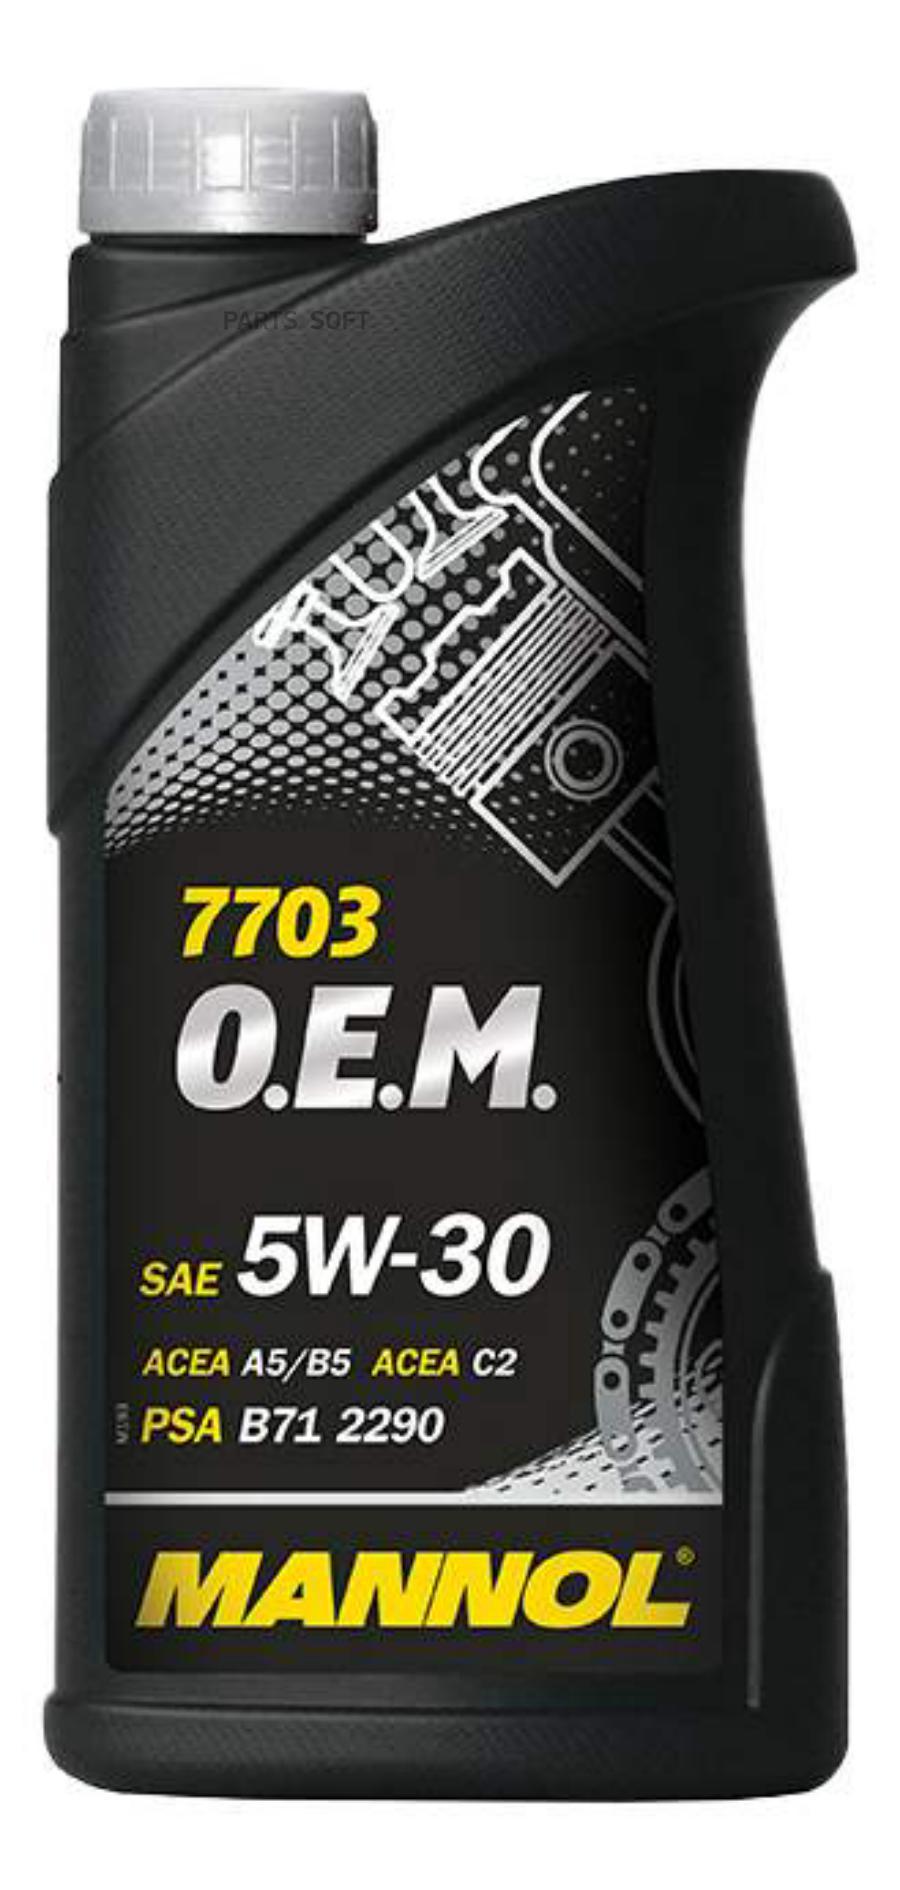 Масло моторное синтетическое 7703 O,E,M, for Peugeot Citroen 5W-30, 1л